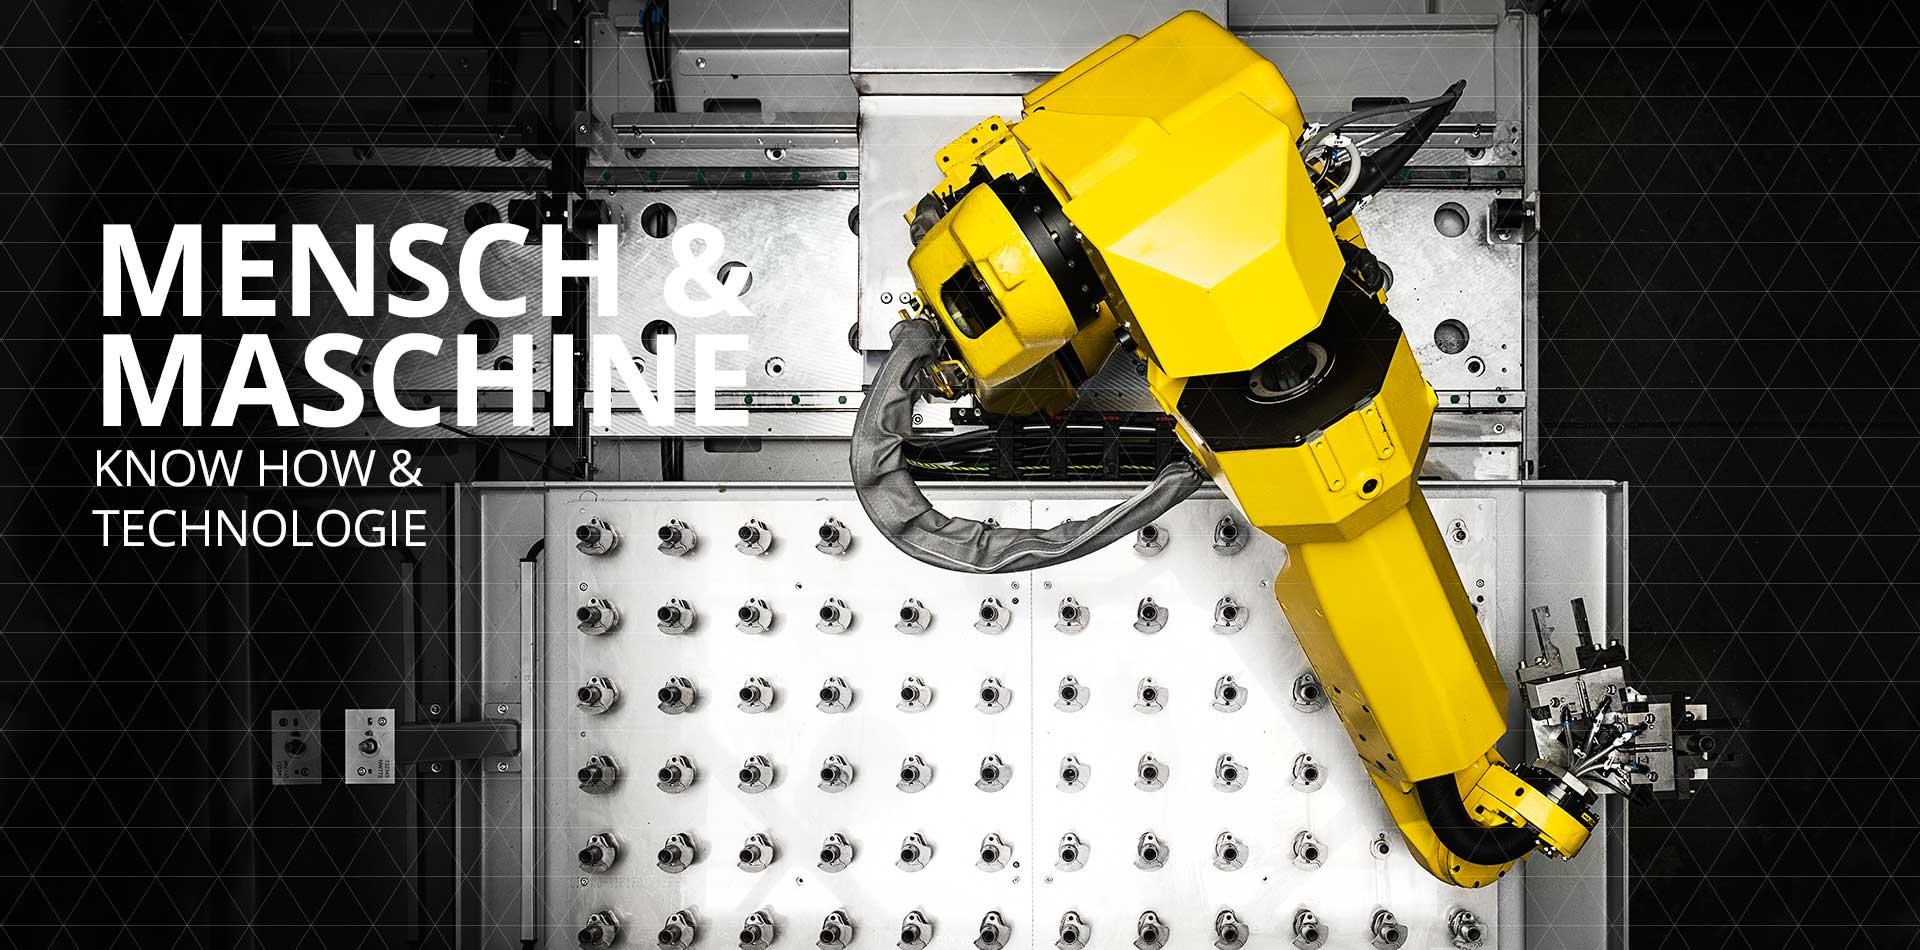 Schweiger automatisierte Roboterfertigung